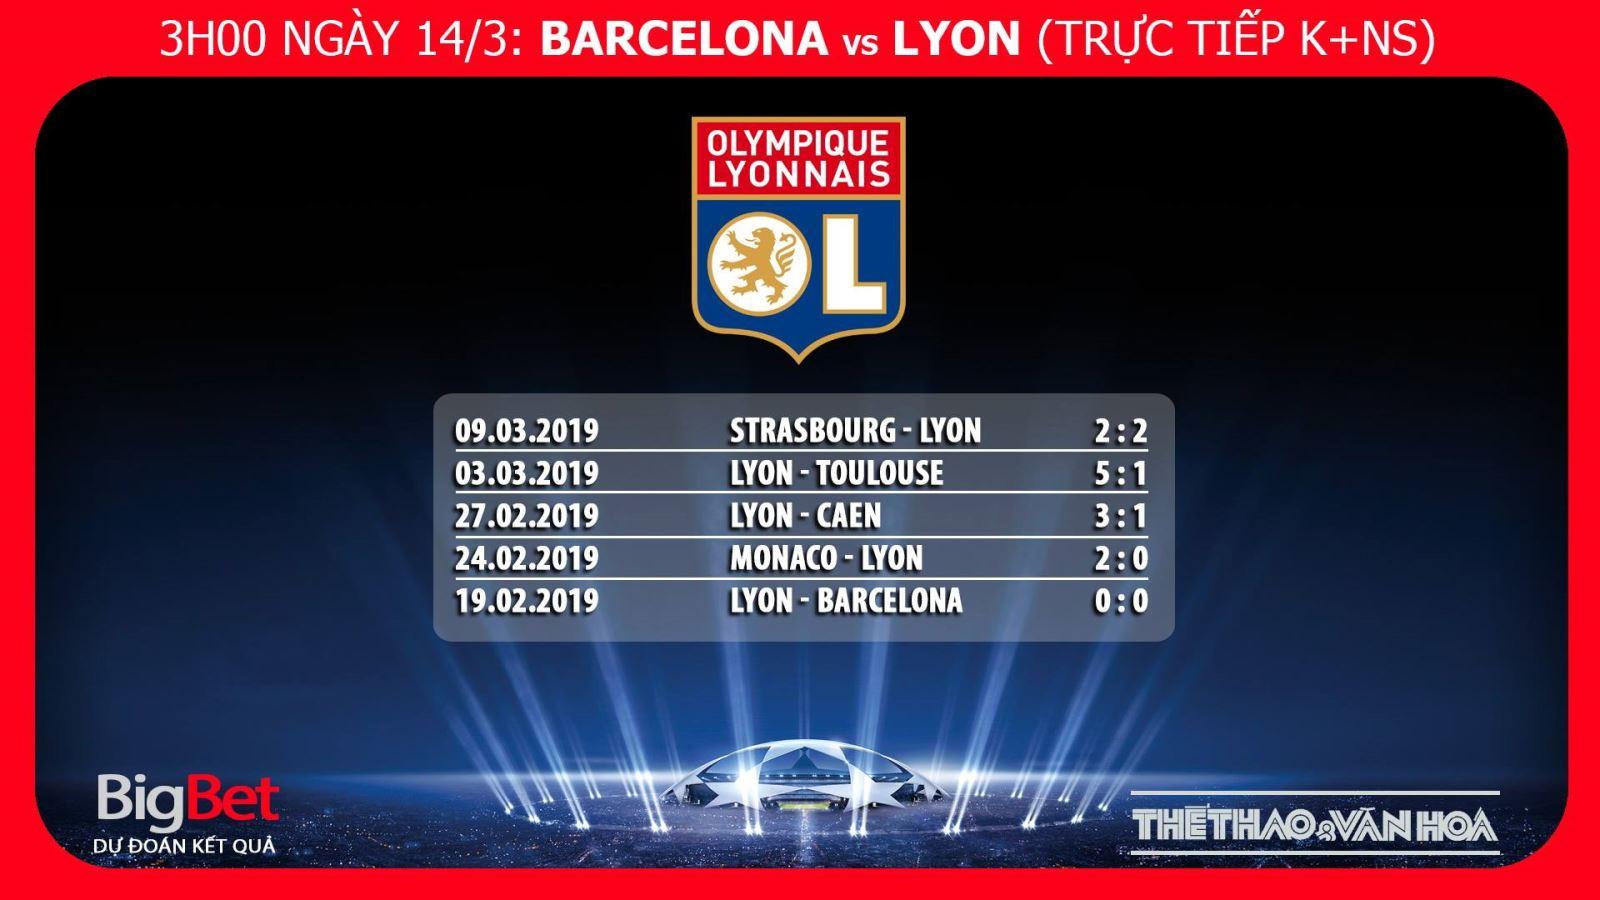 Barca, Barcelona vs Lyon, trực tiếp bóng đá, Barca vs Lyon, truc tiep bong da, soi kèo Barcelona vs Lyon, kèo Barca vs Lyon, kèo bóng đá, nhận định Barcelona vs Lyon, dự đoán bóng đá